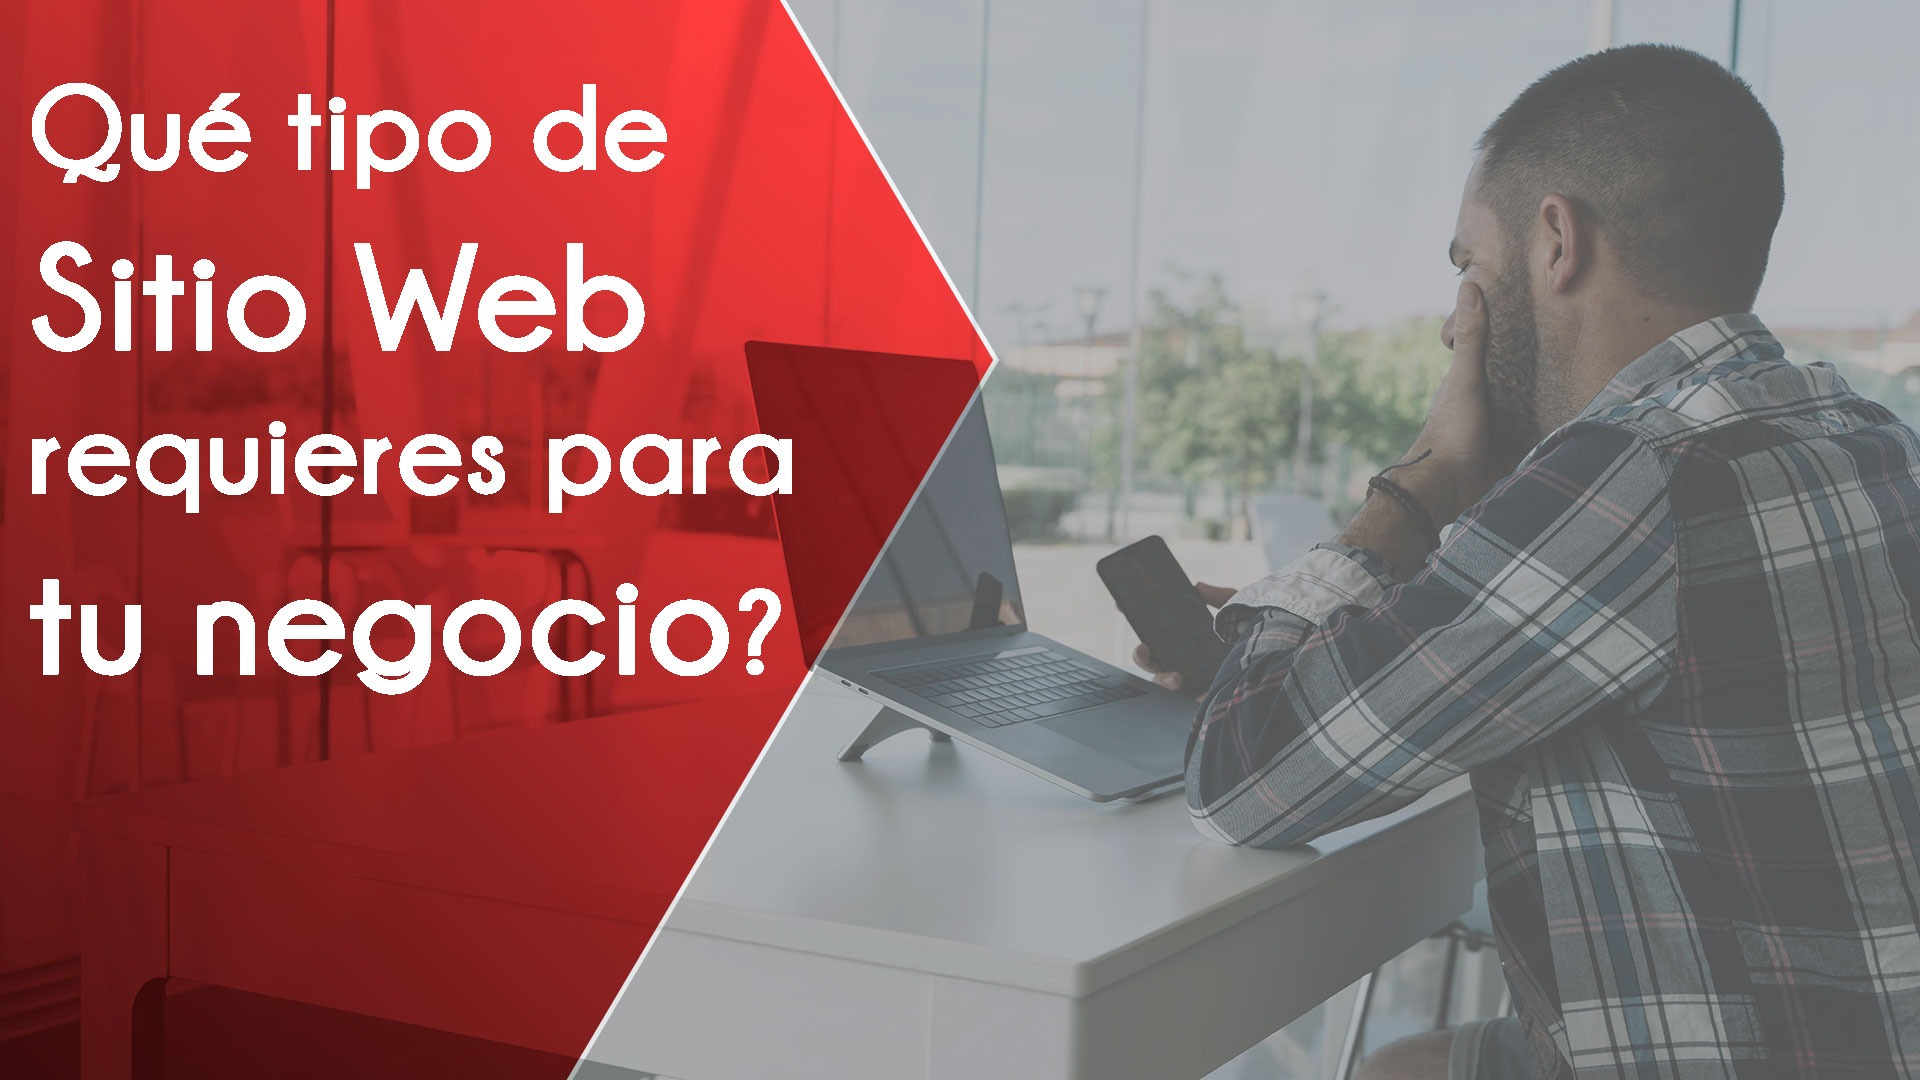 ¿Qué tipo de sitio web requieres para tu negocio?